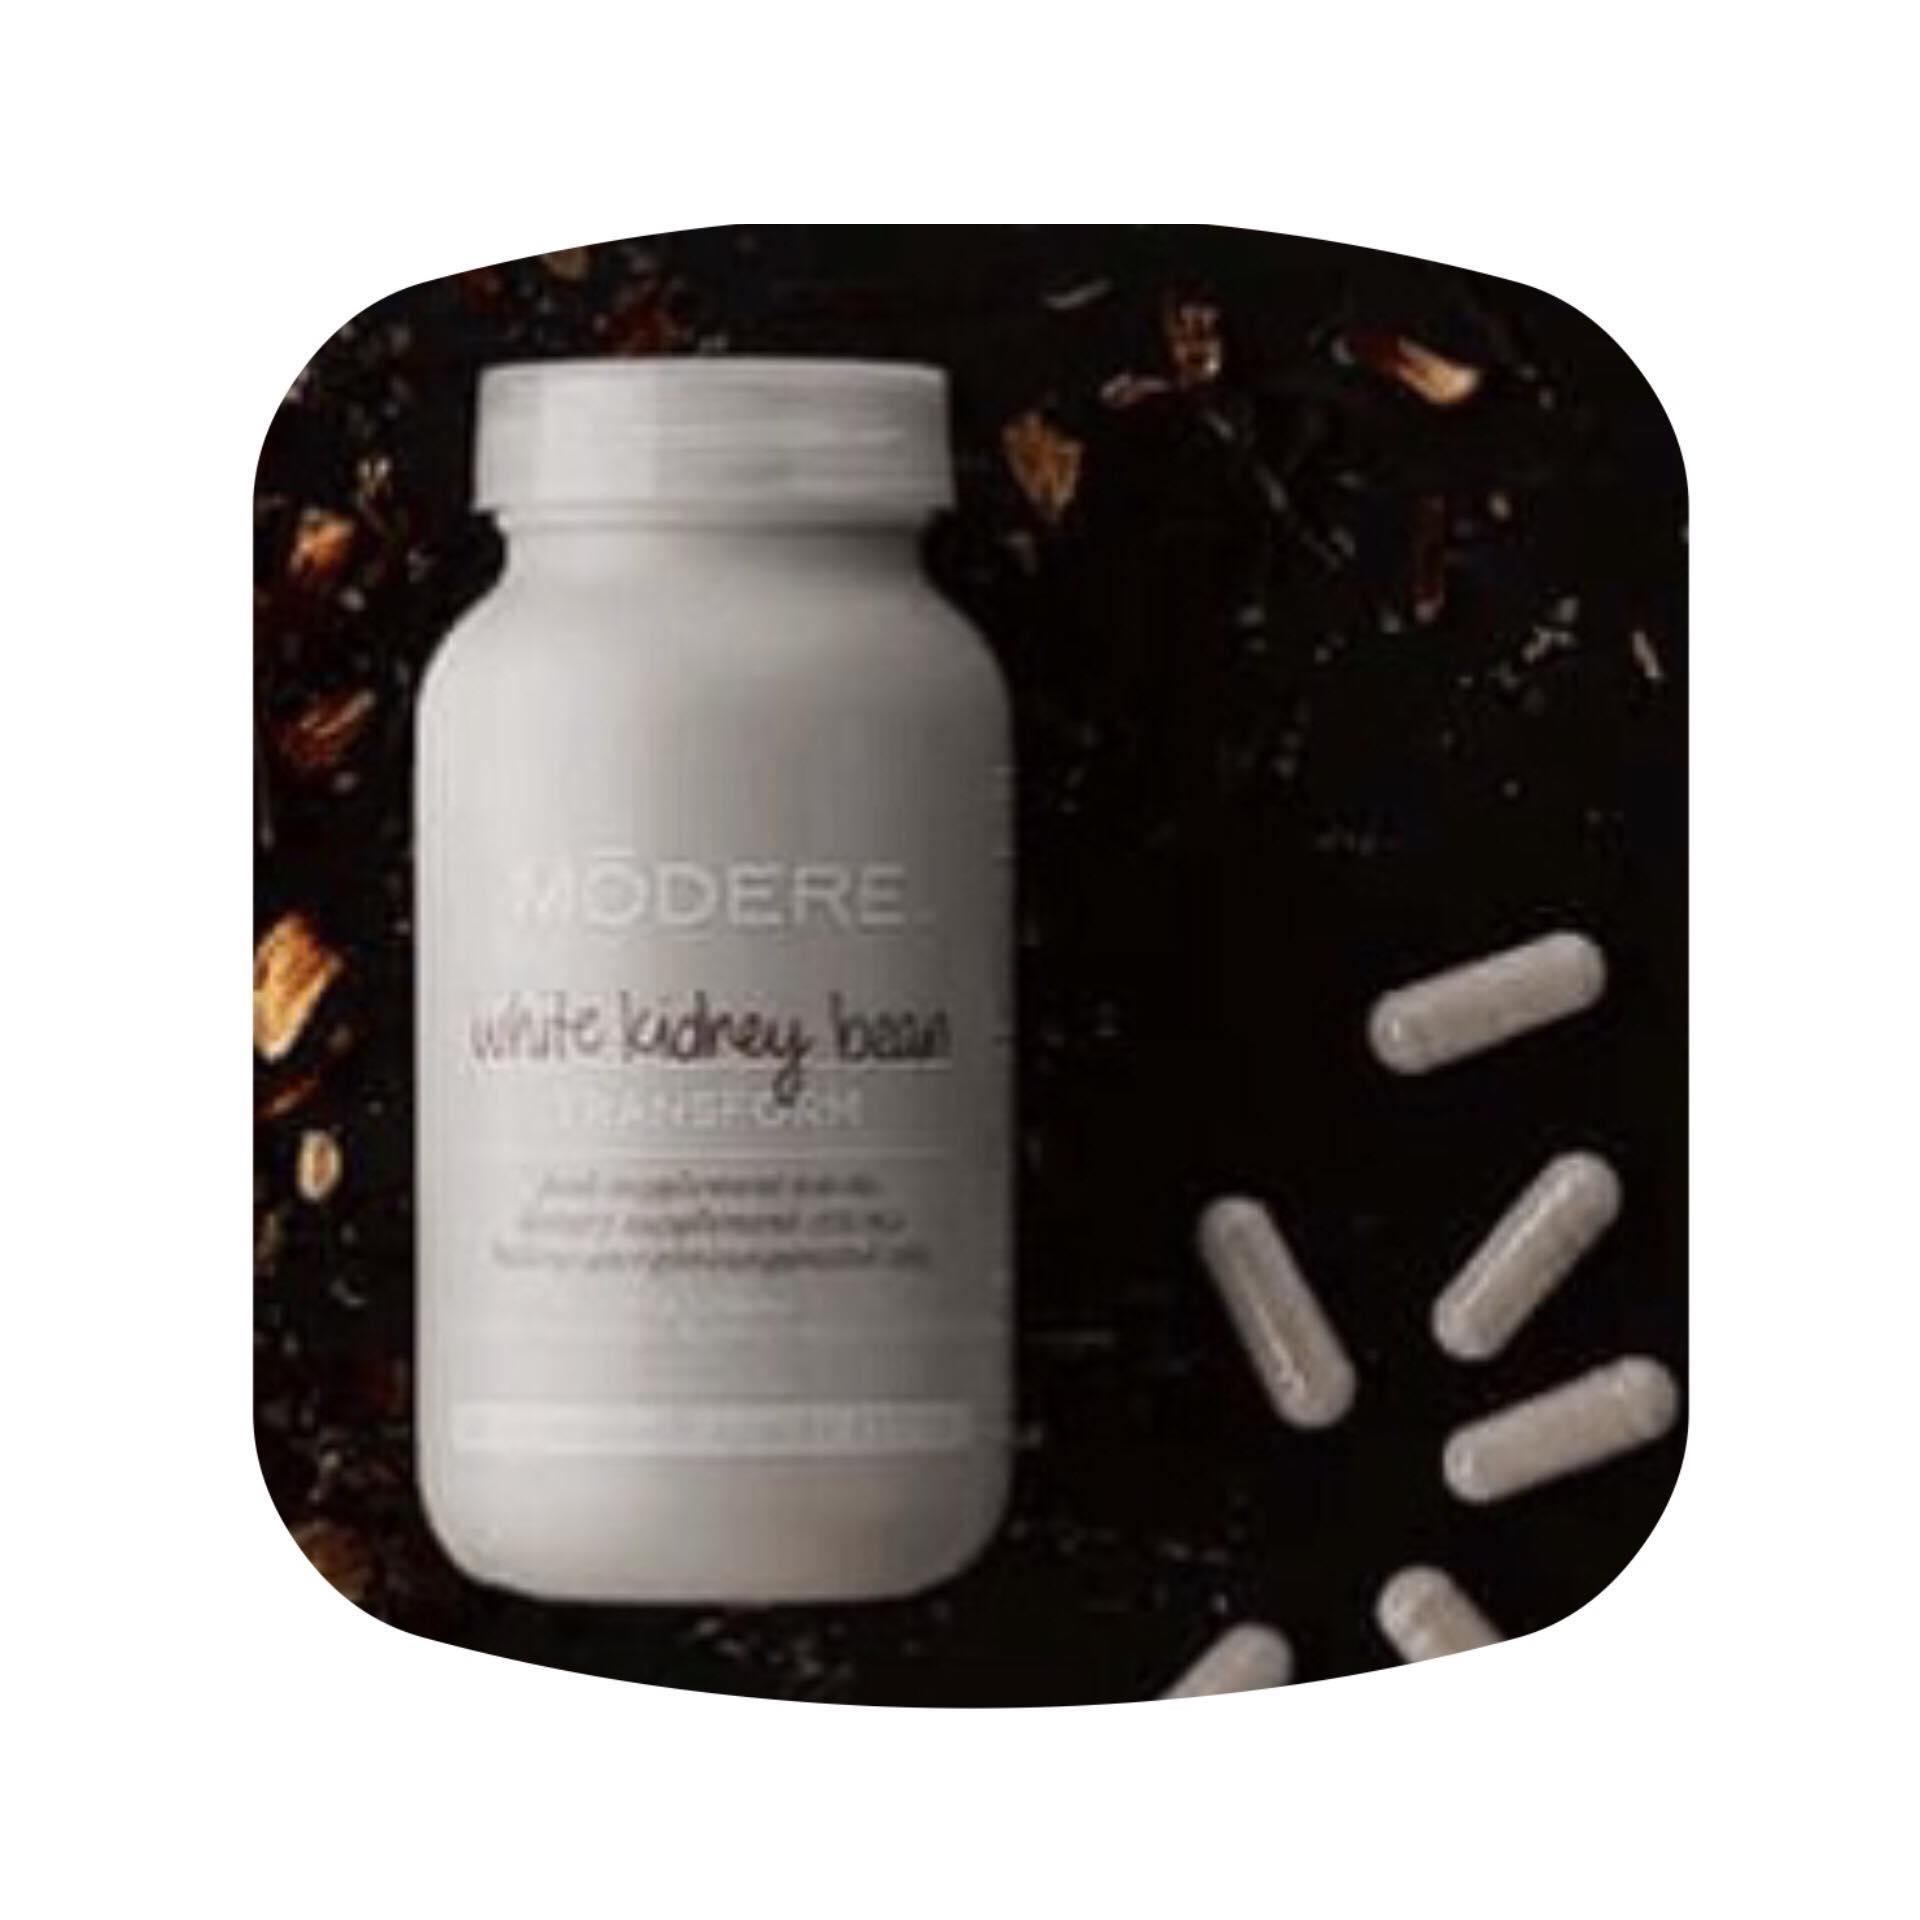 white kidney bean Modere karinealook